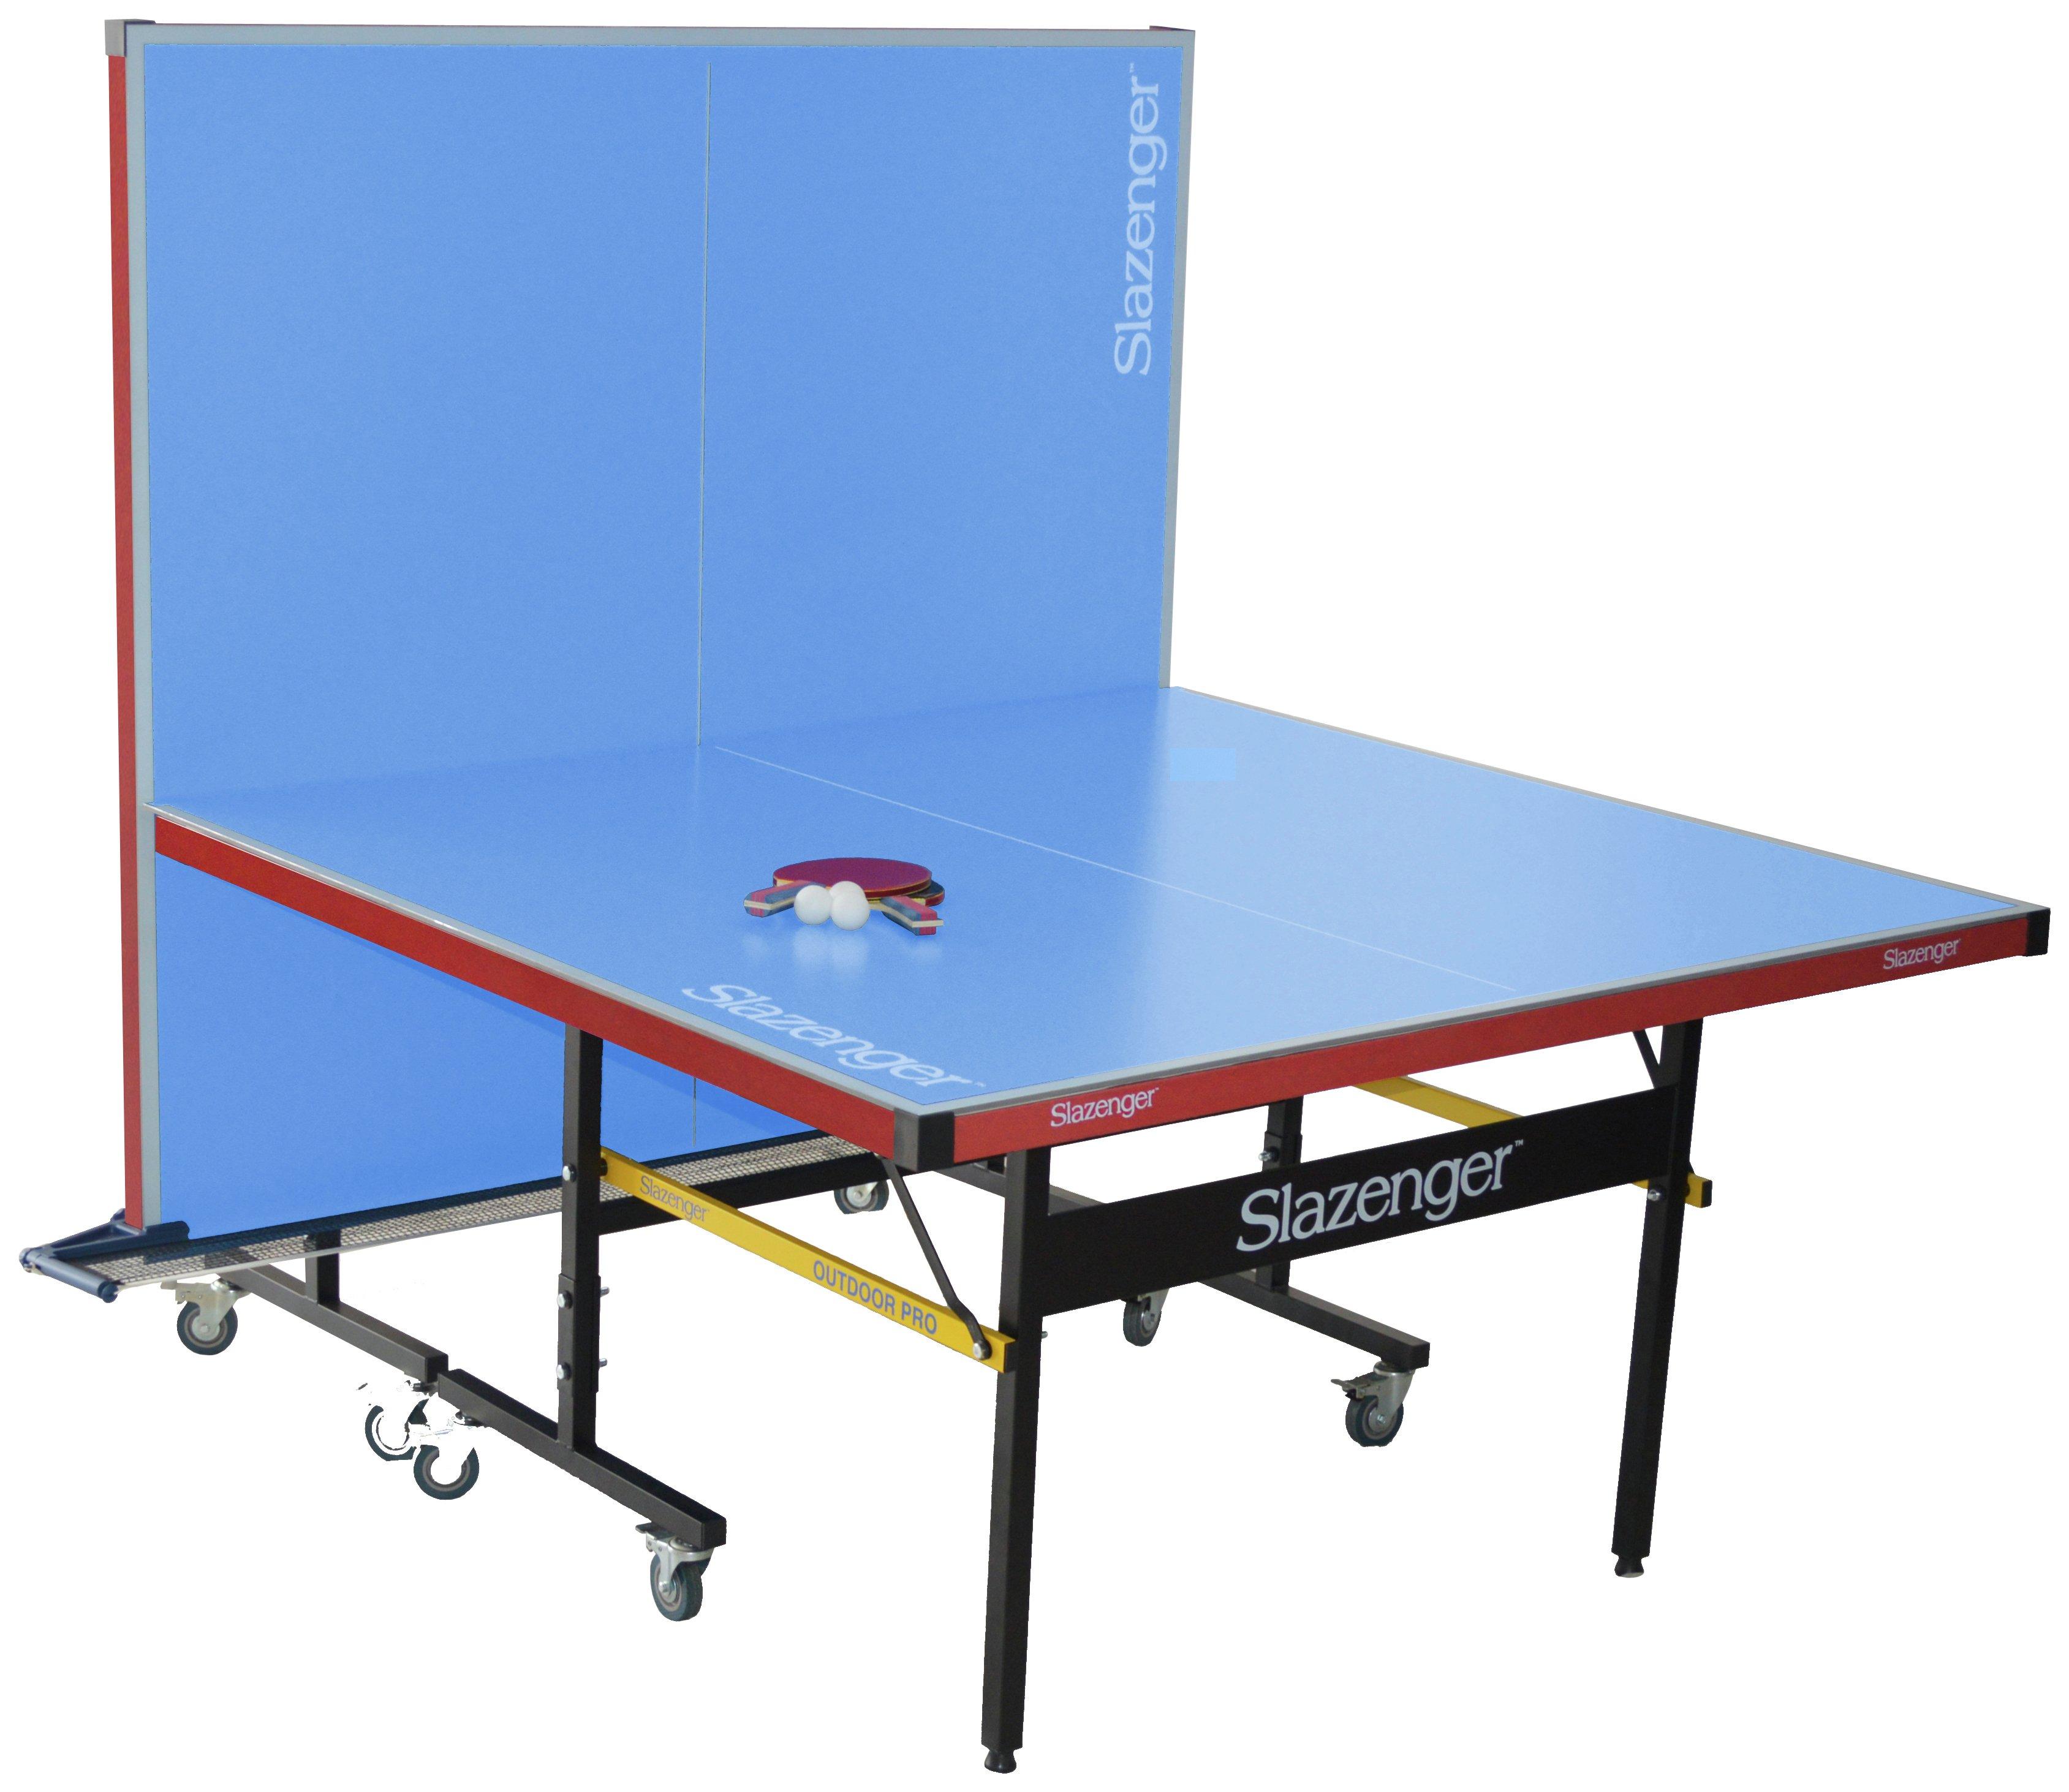 buy slazenger full size outdoor table tennis table at argos.co.uk